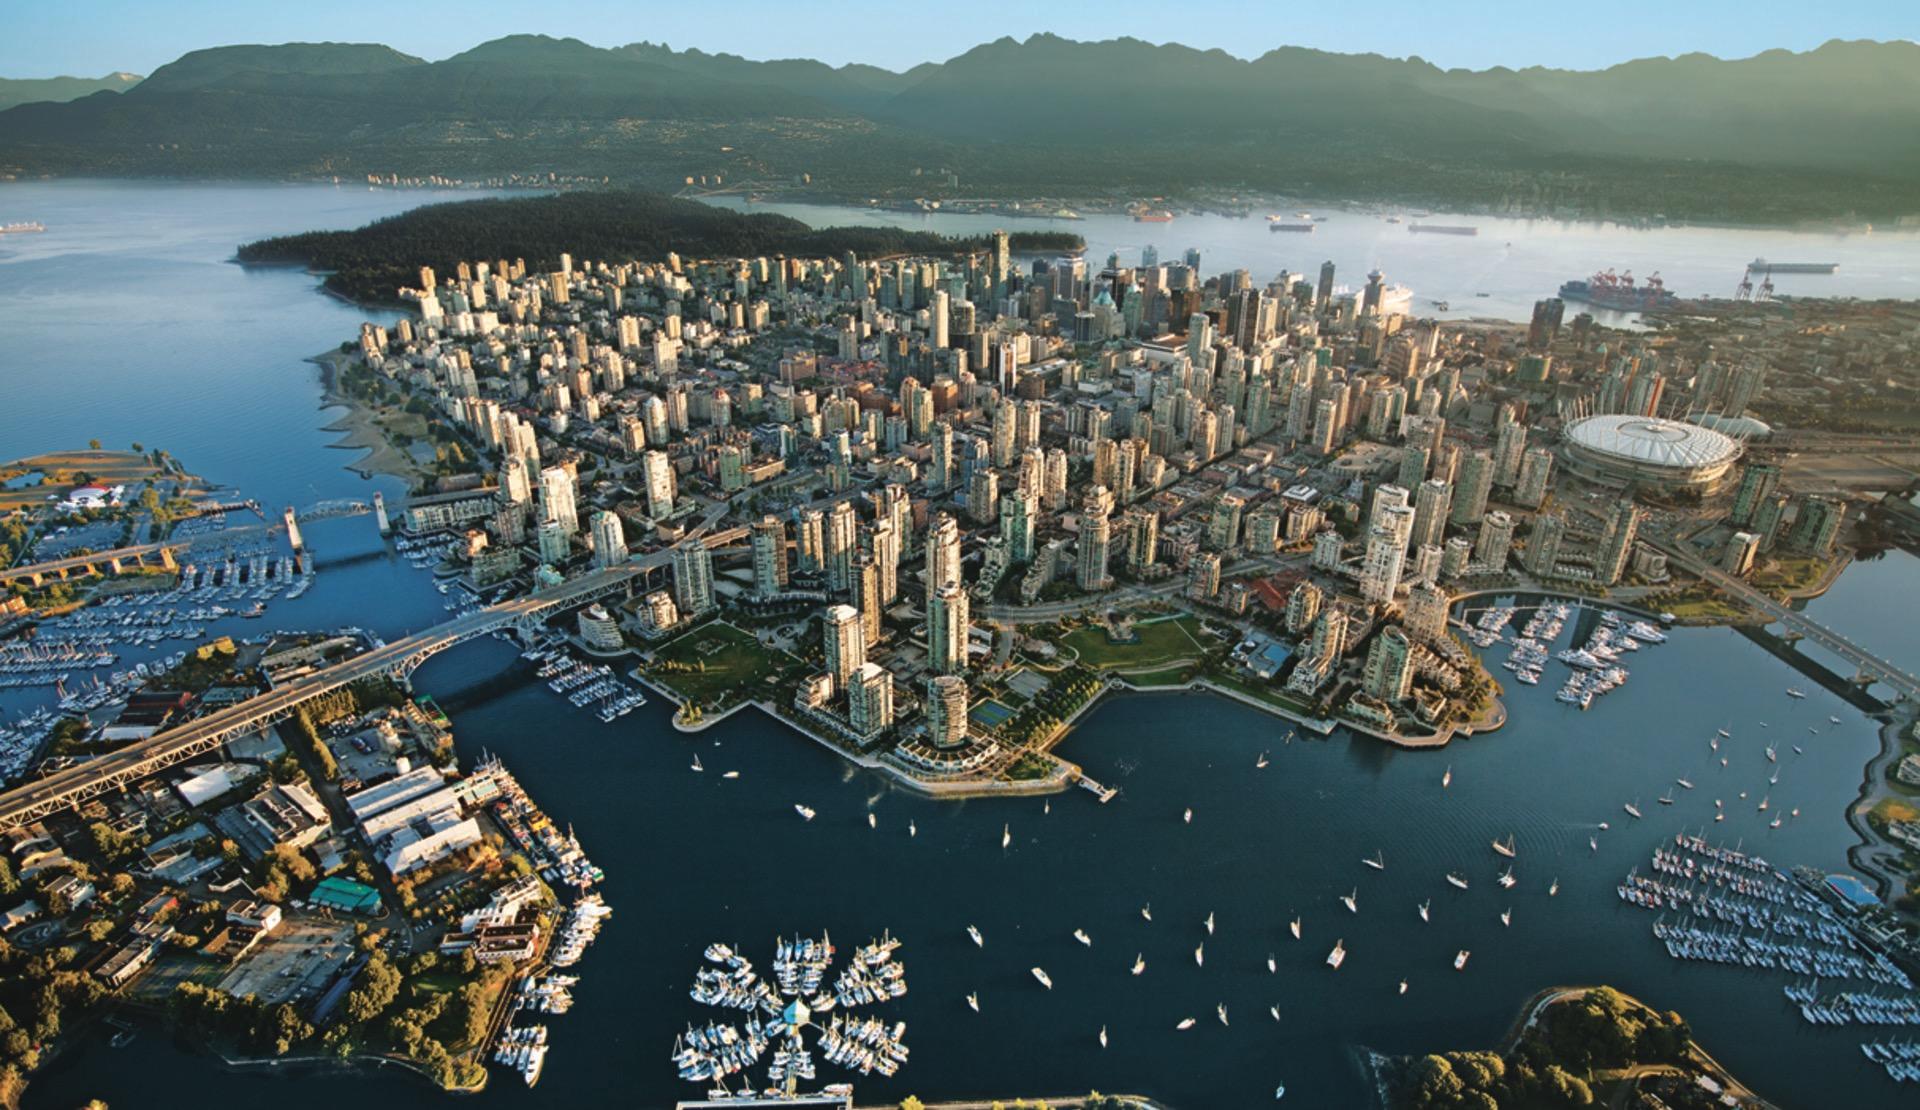 The-City_121bc6b2-ca7f-45be-a877-7e166af5502d